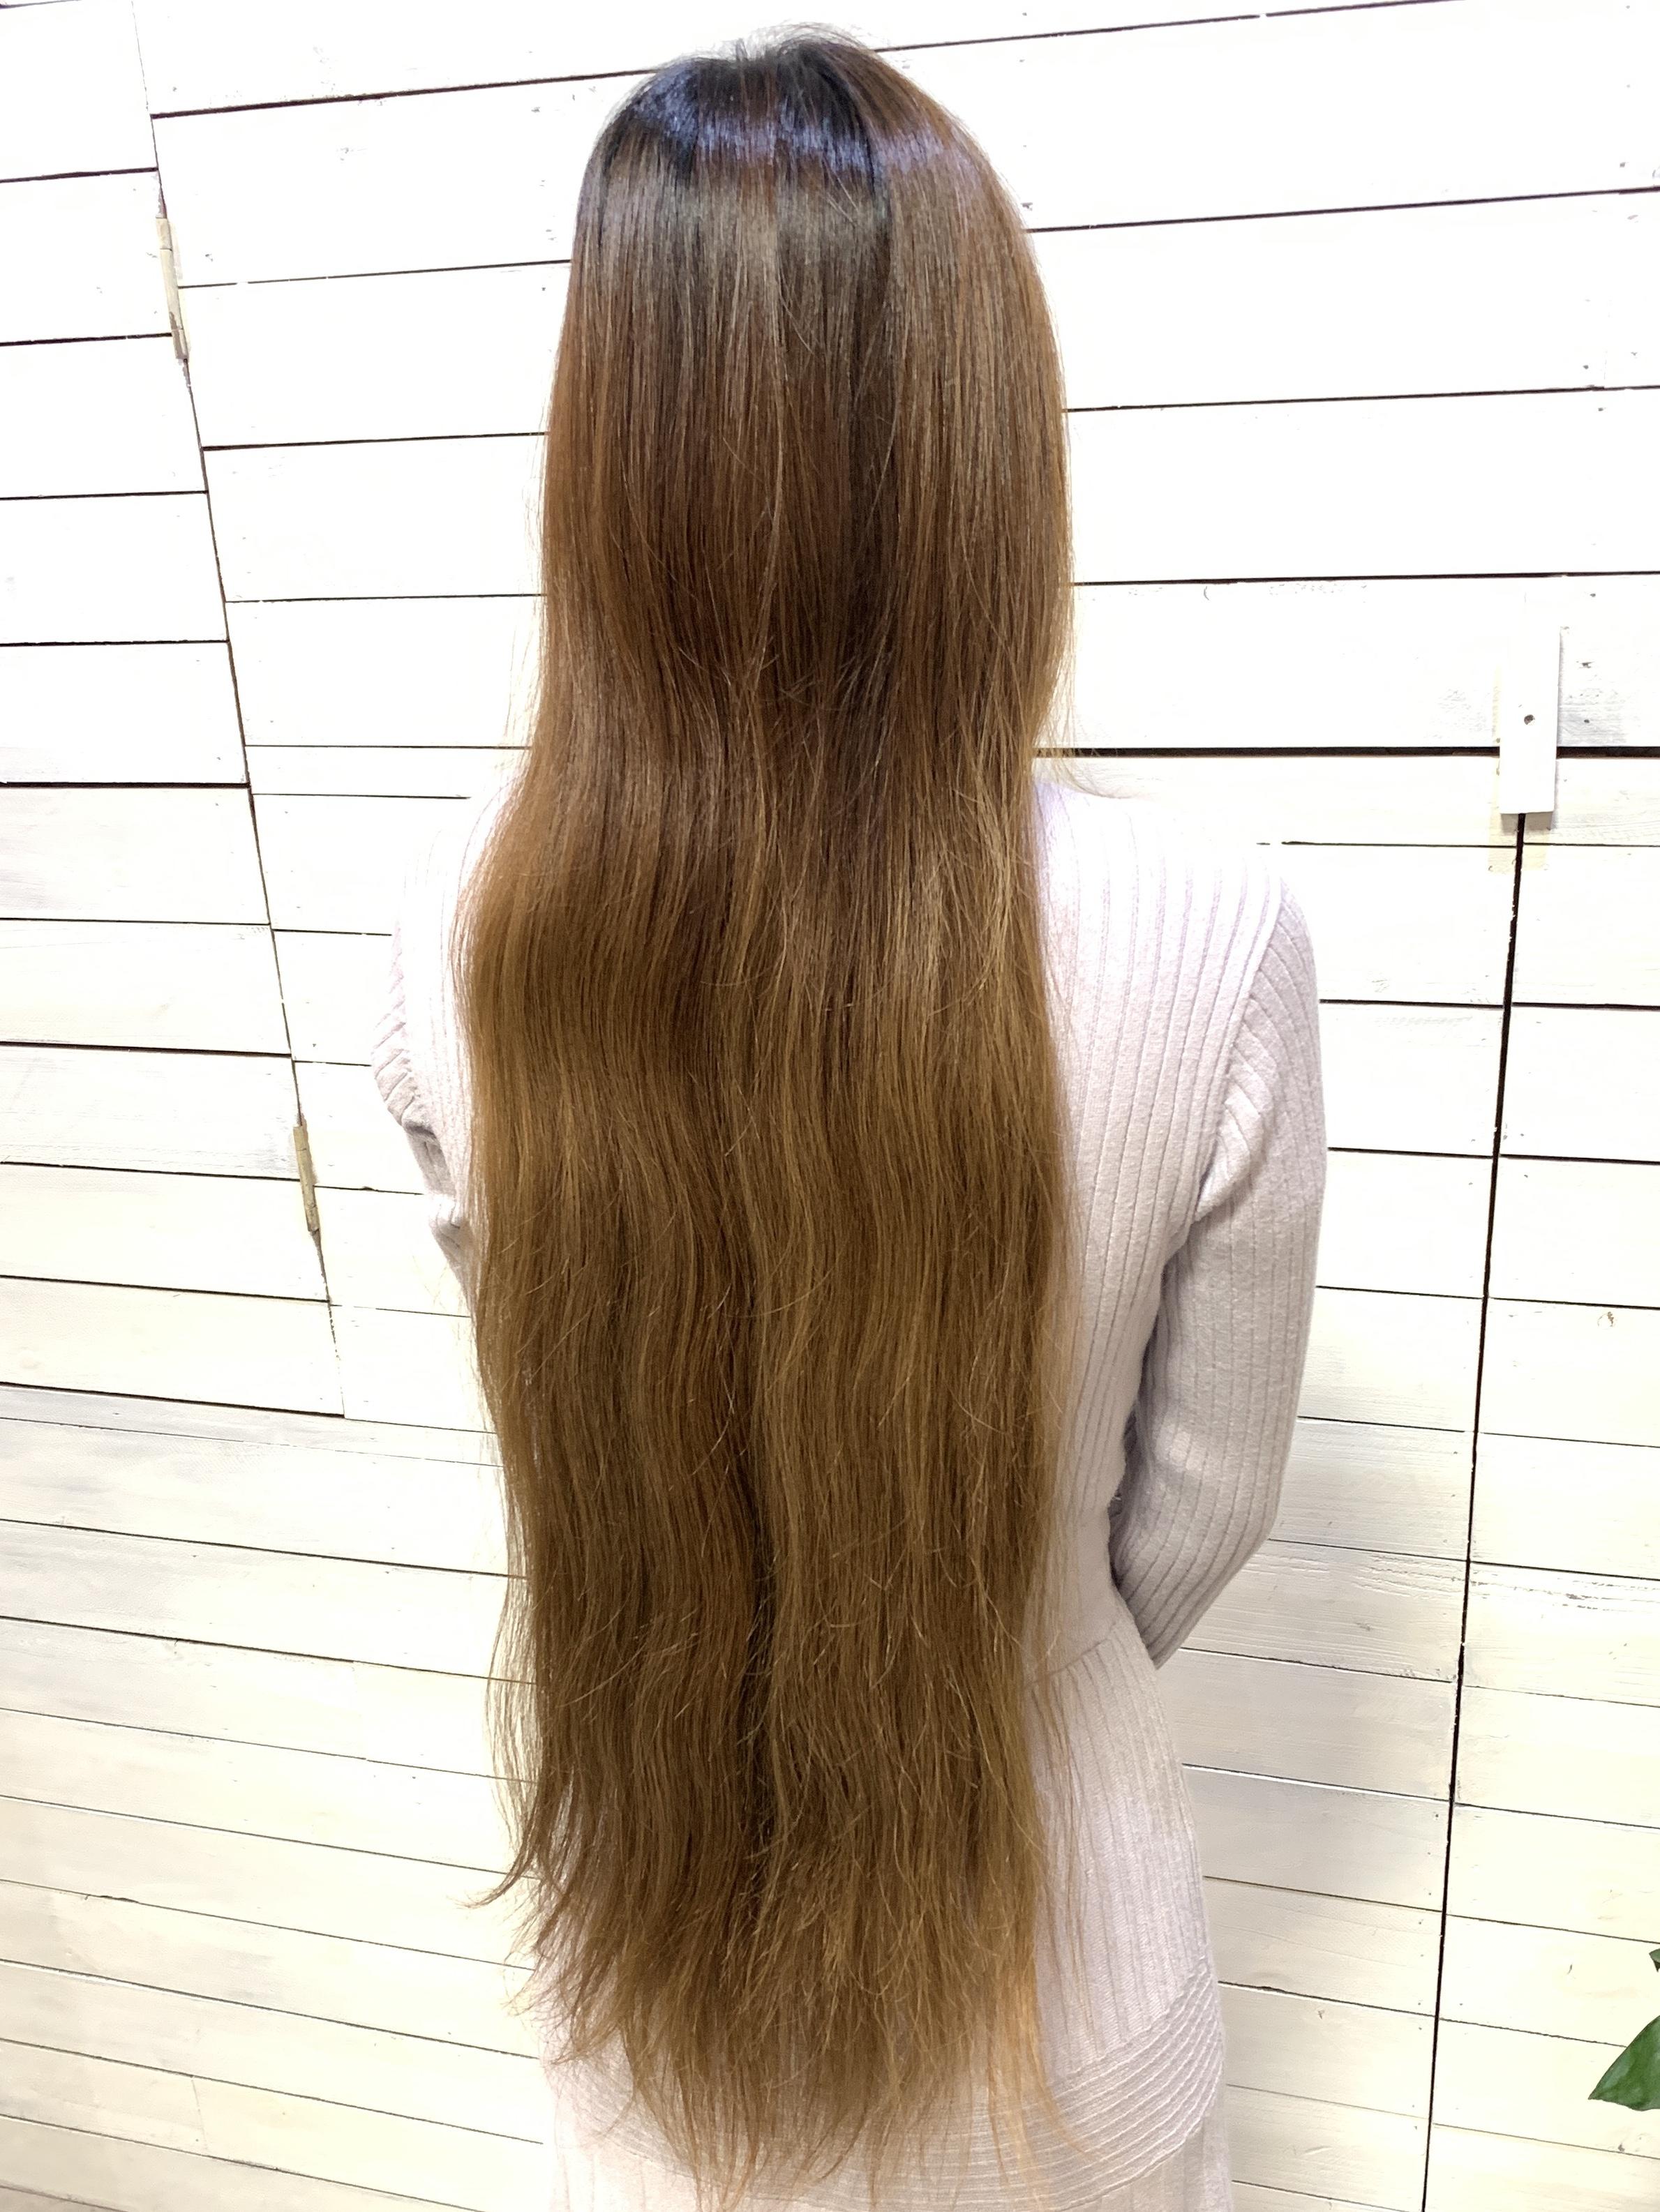 新宿でヘアドネーションができる美容院宿でヘアドネーションができる美容院 セイヴィアン